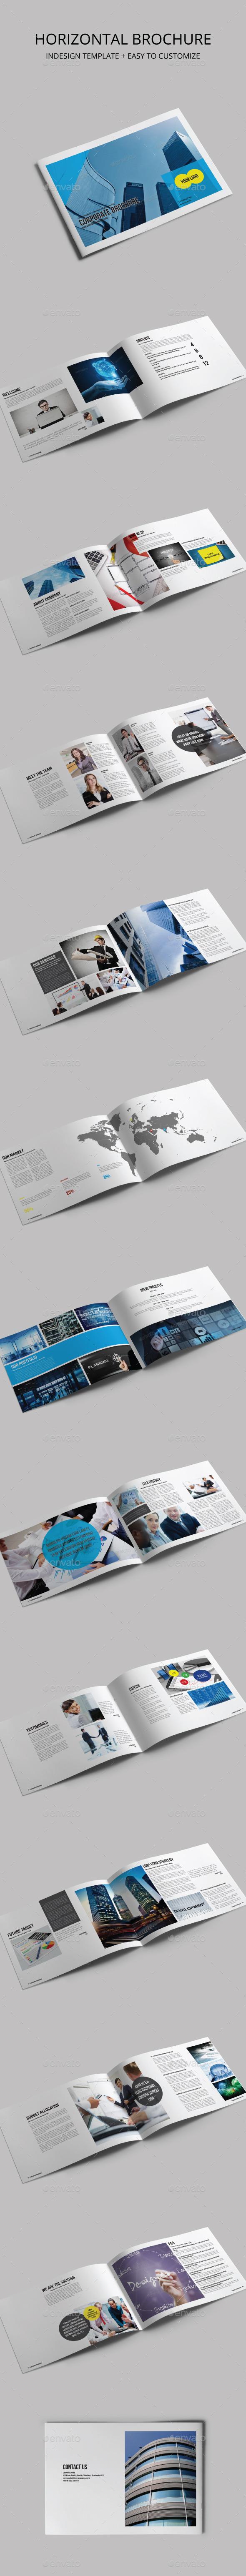 Corporate Brochure Template - Corporate Business Cards